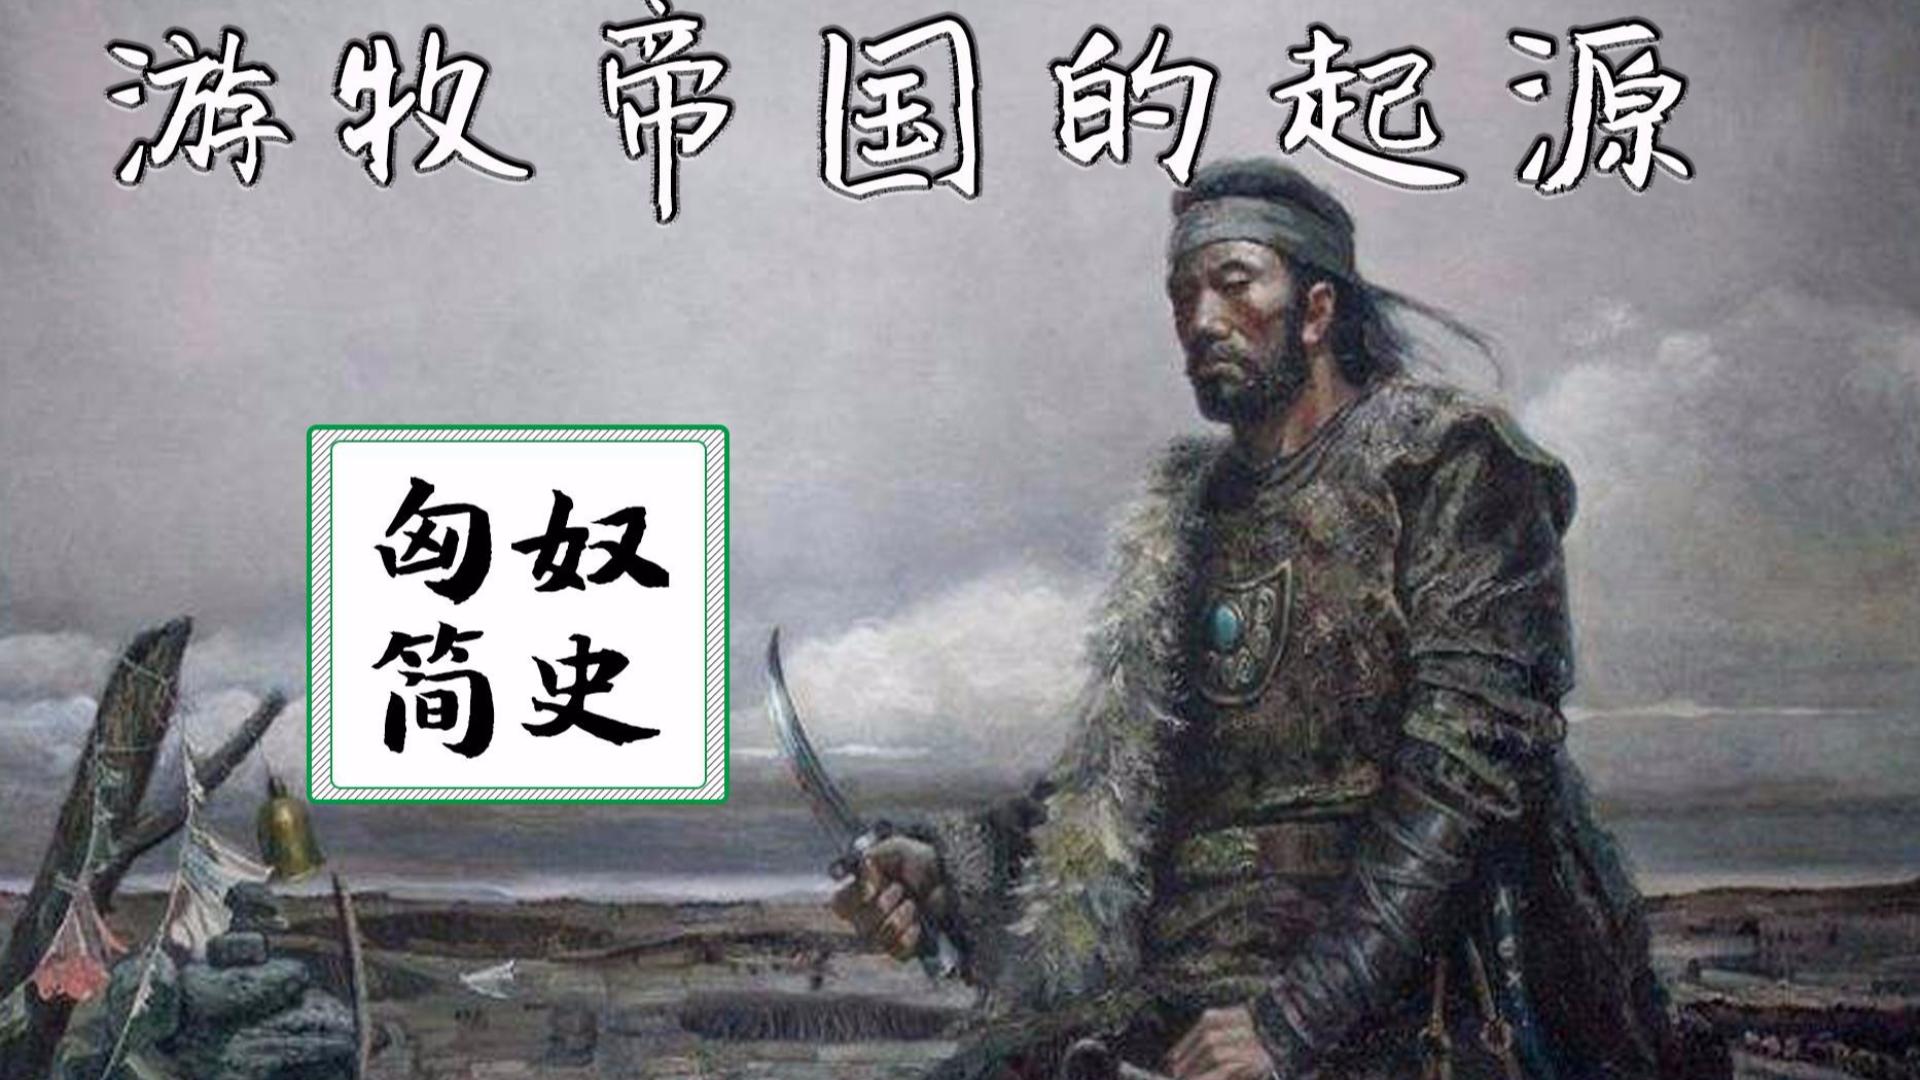 【汉武时代漫谈】06匈奴简史,游牧帝国的起源